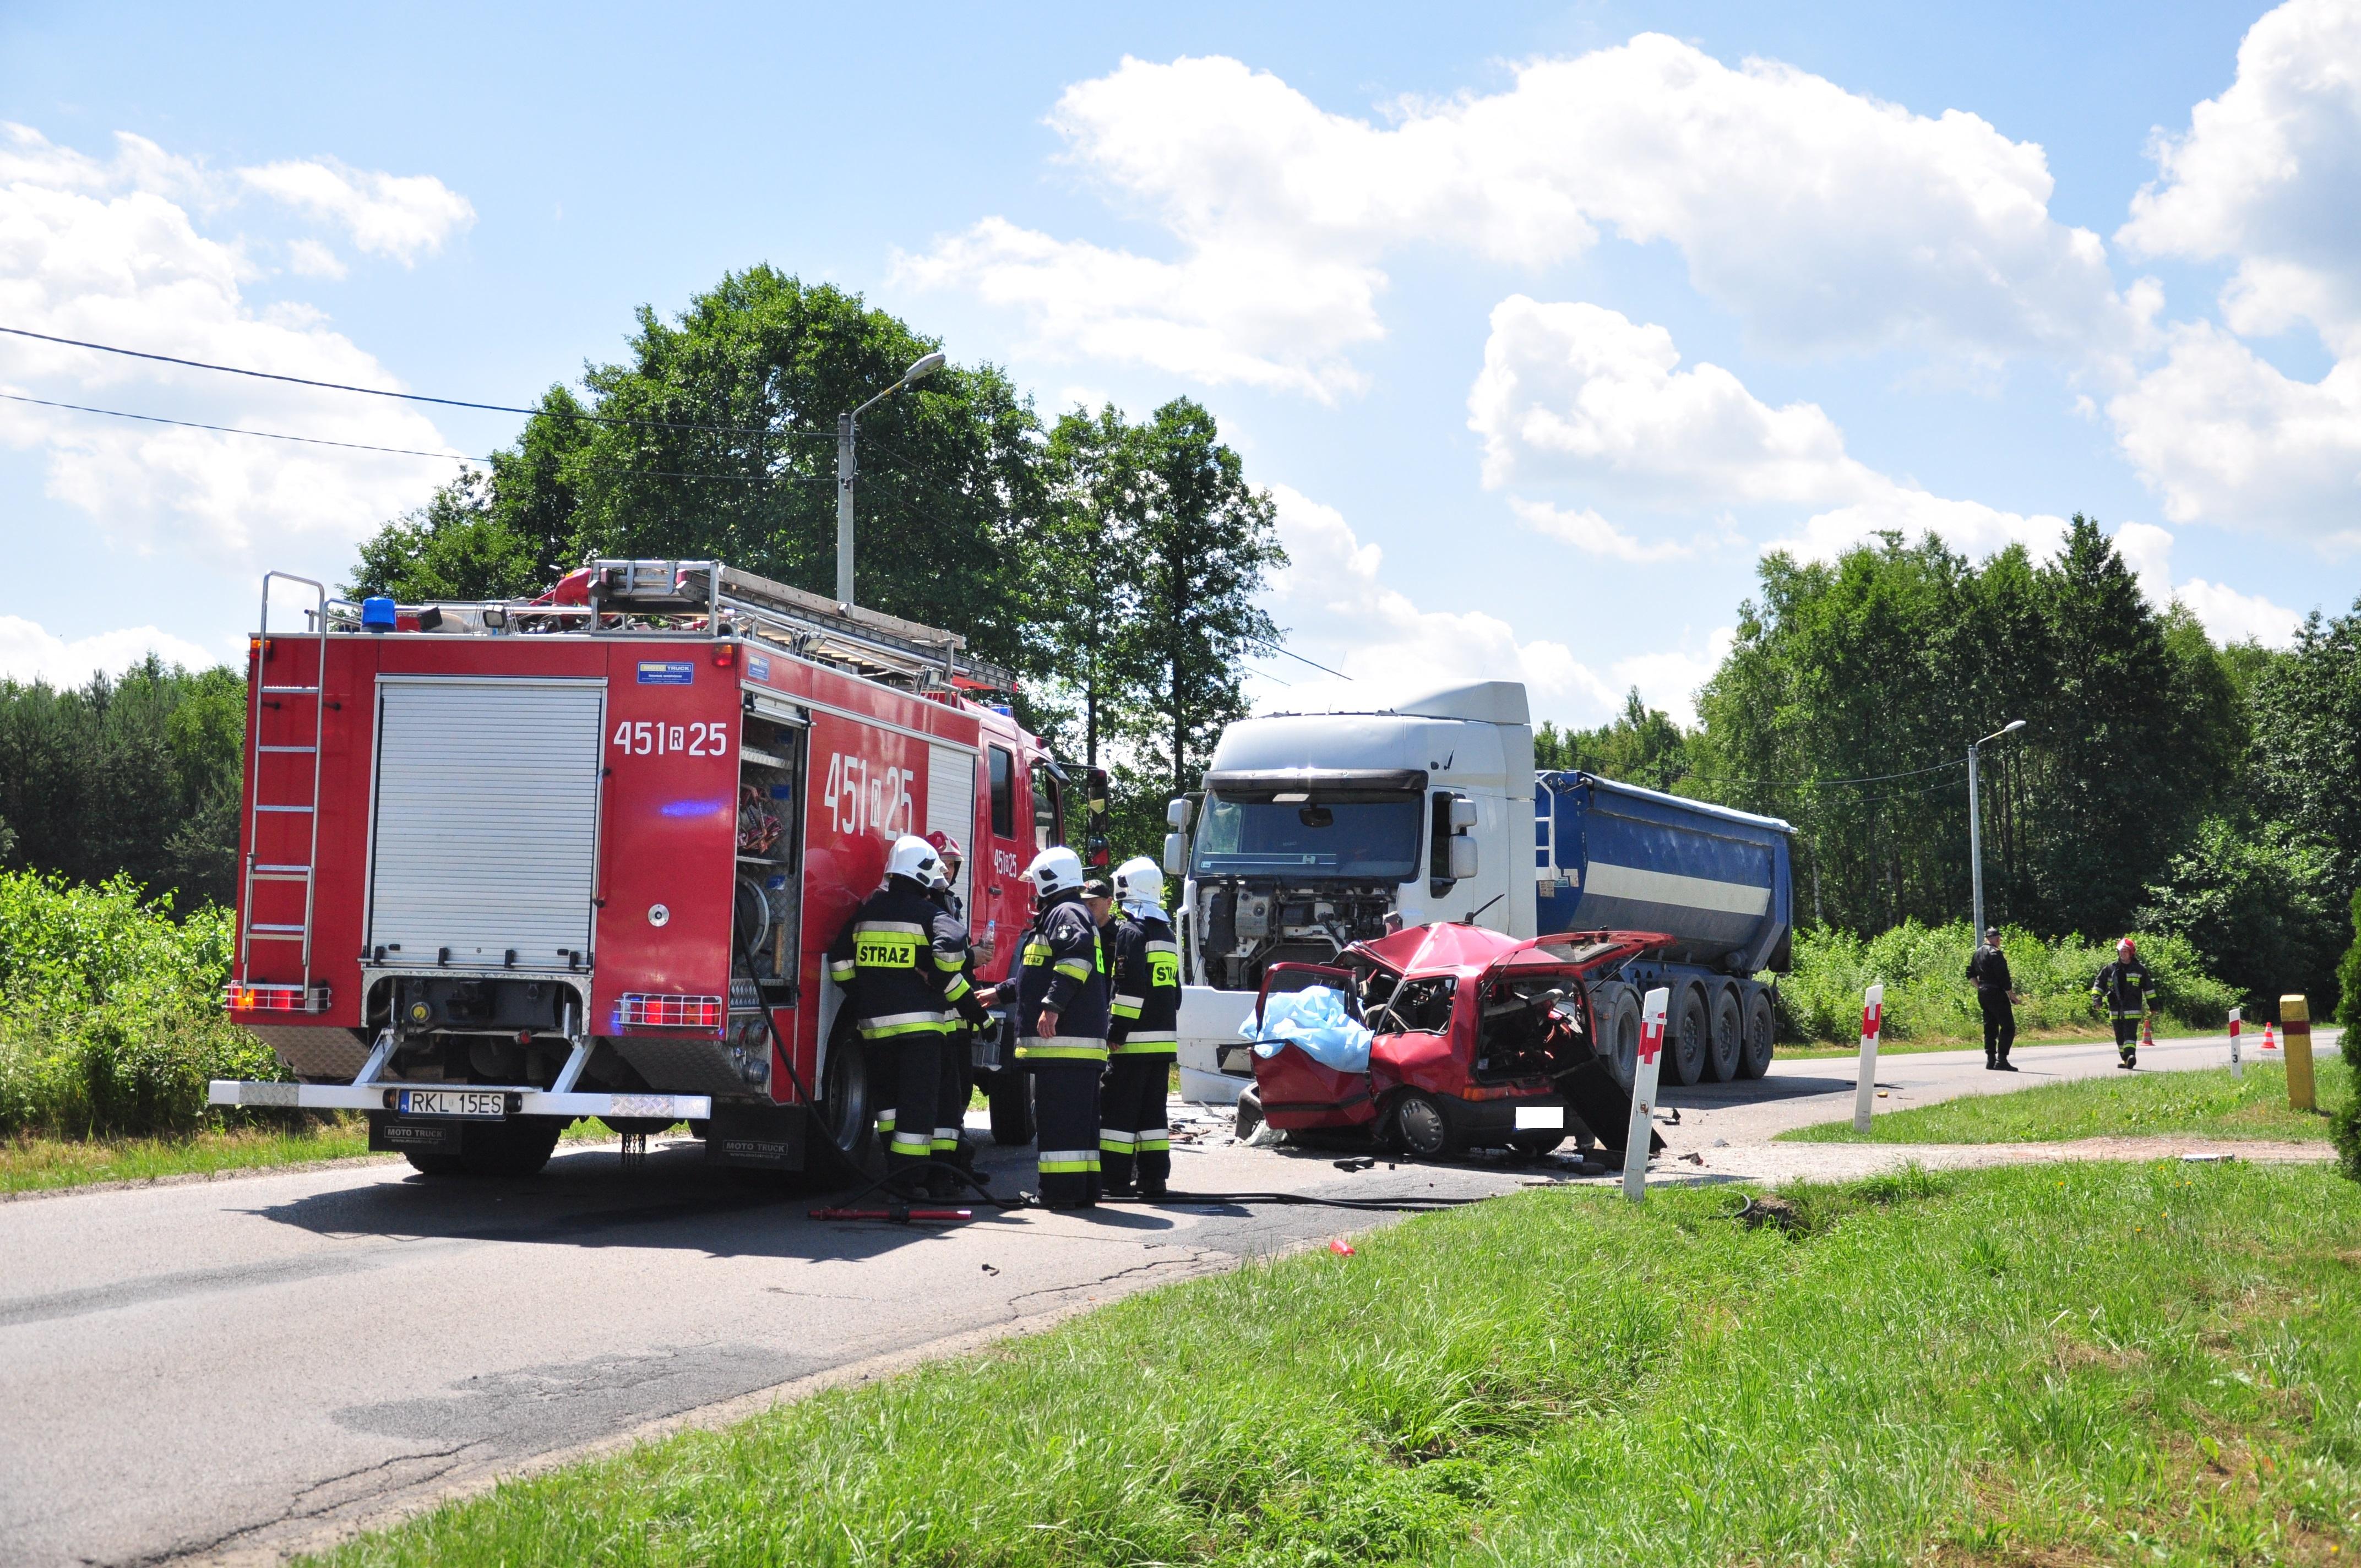 W Bukowcu koło Kolbuszowej ciężarówka zderzyła się z cinquecento. Nie żyje jedna osoba  - Zdjęcie główne